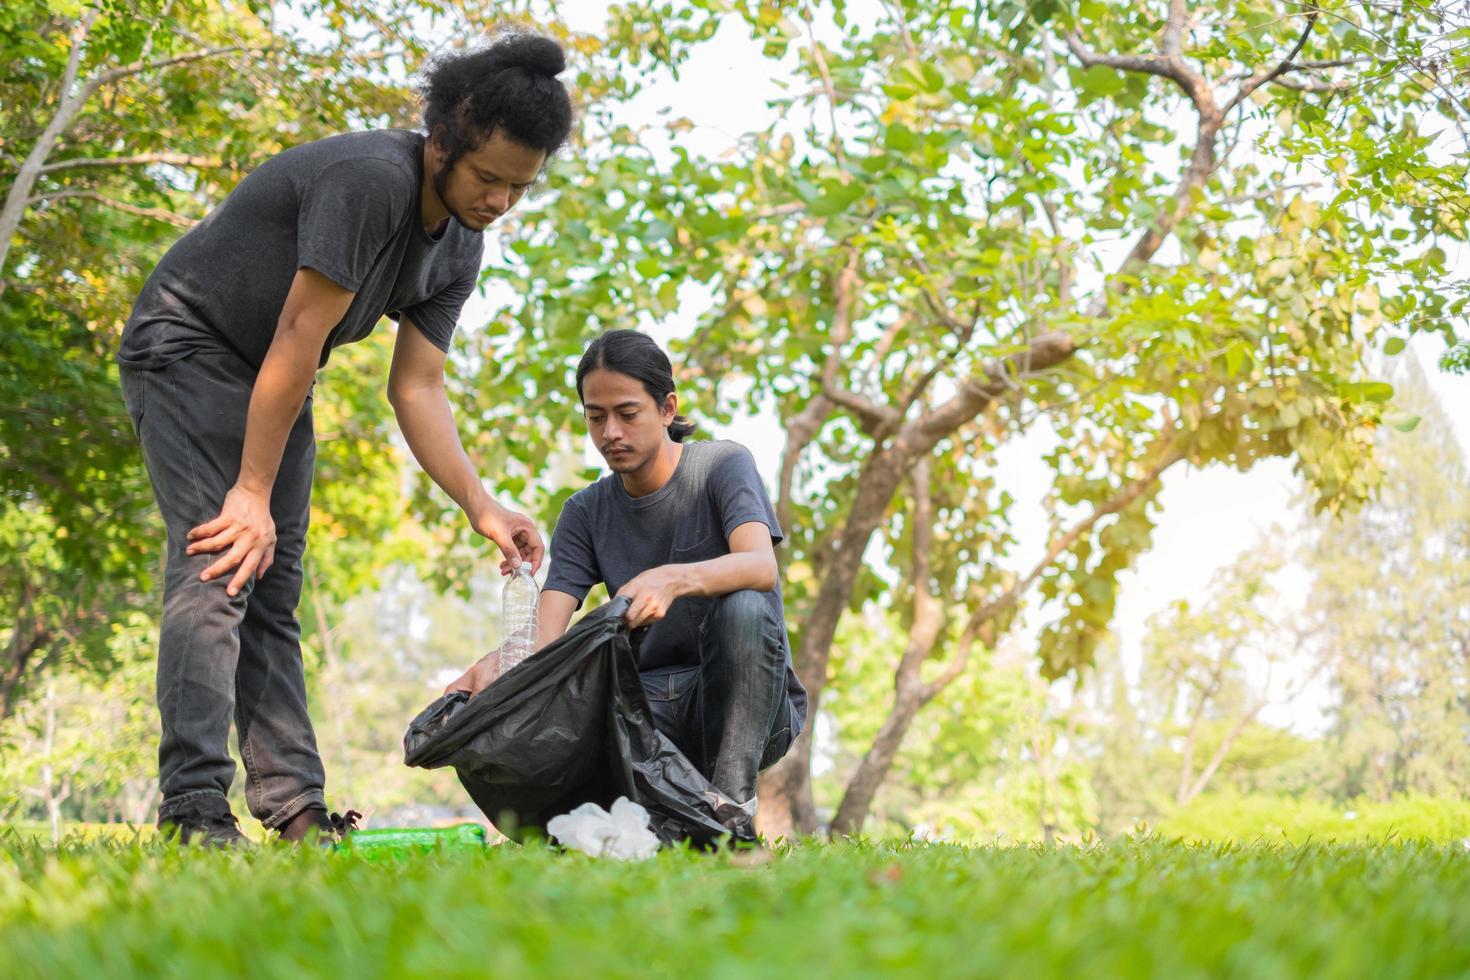 twee mannen opruimen park foto